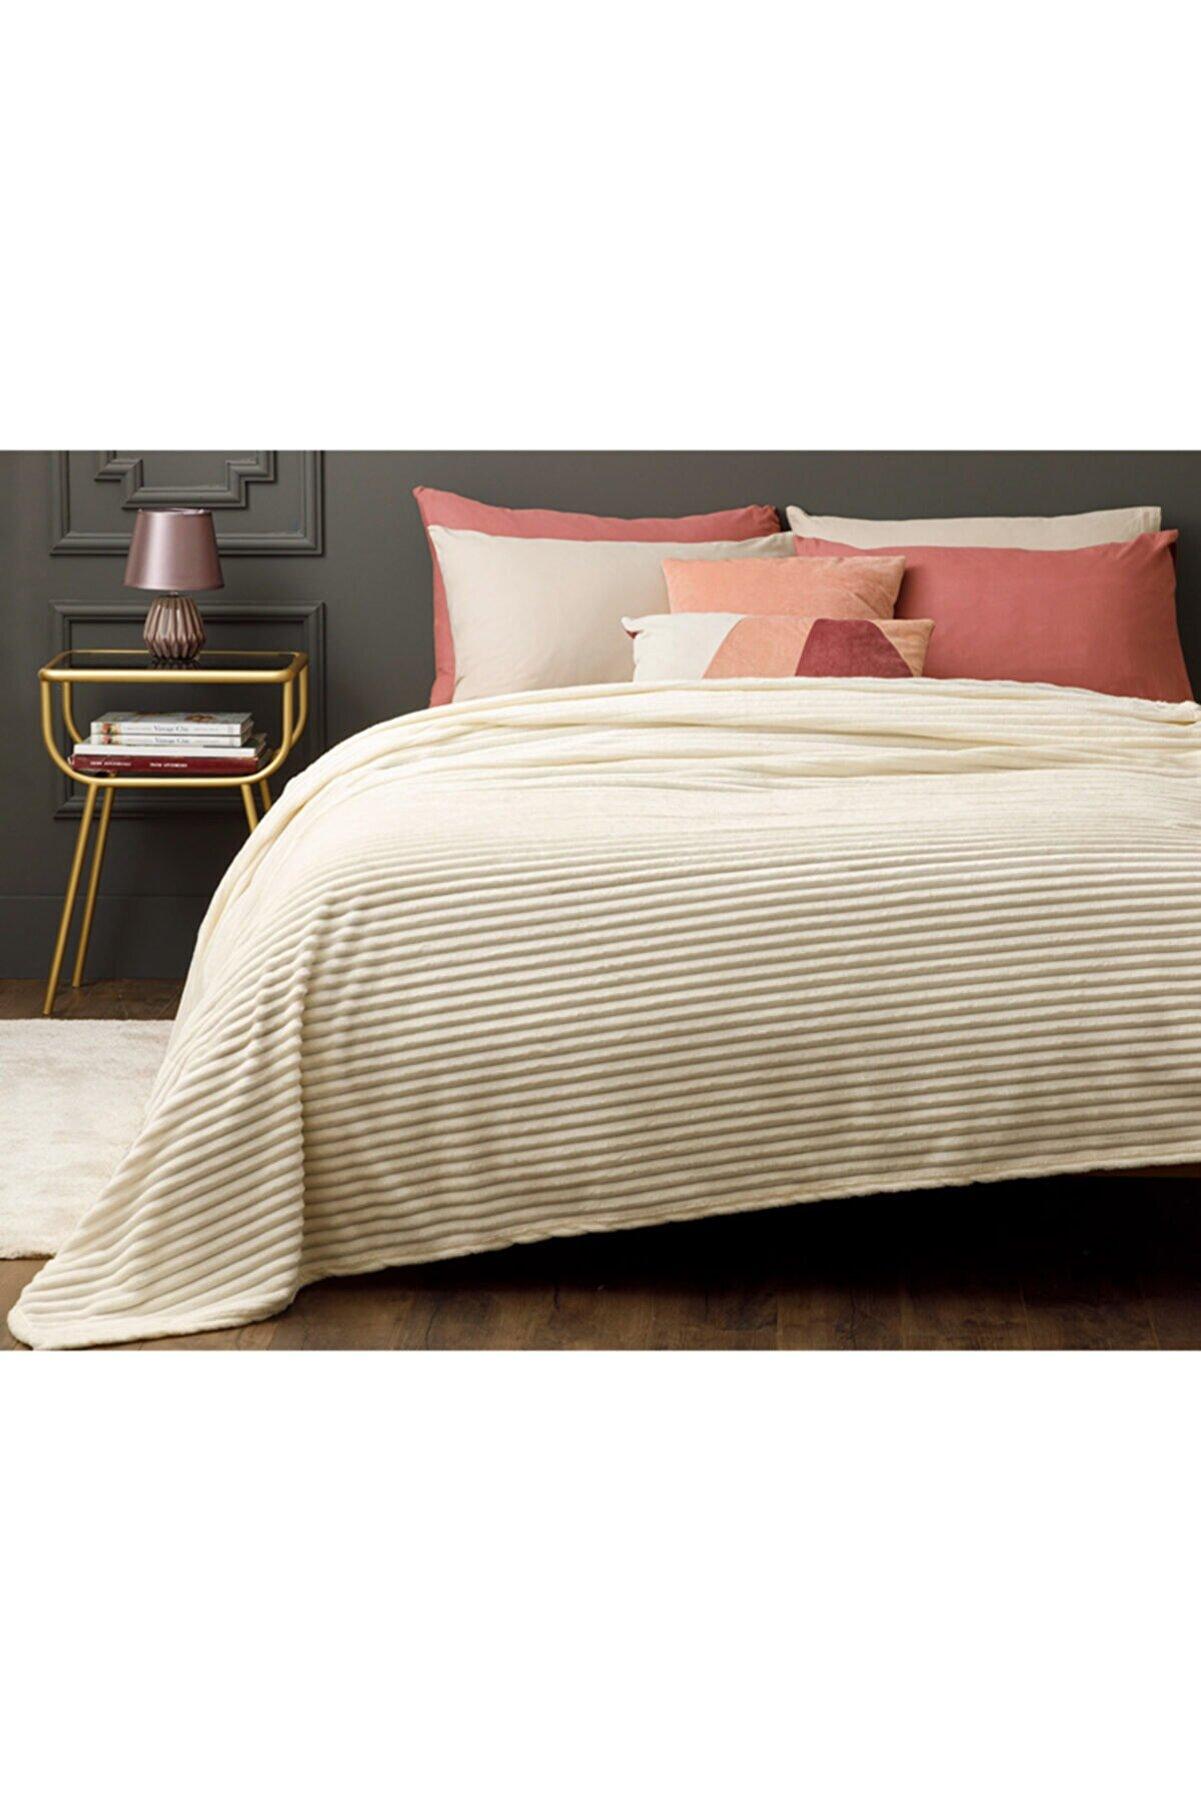 English Home Plain Super Soft Çift Kişilik Battaniye 200x220 Cm Kırık Beyaz